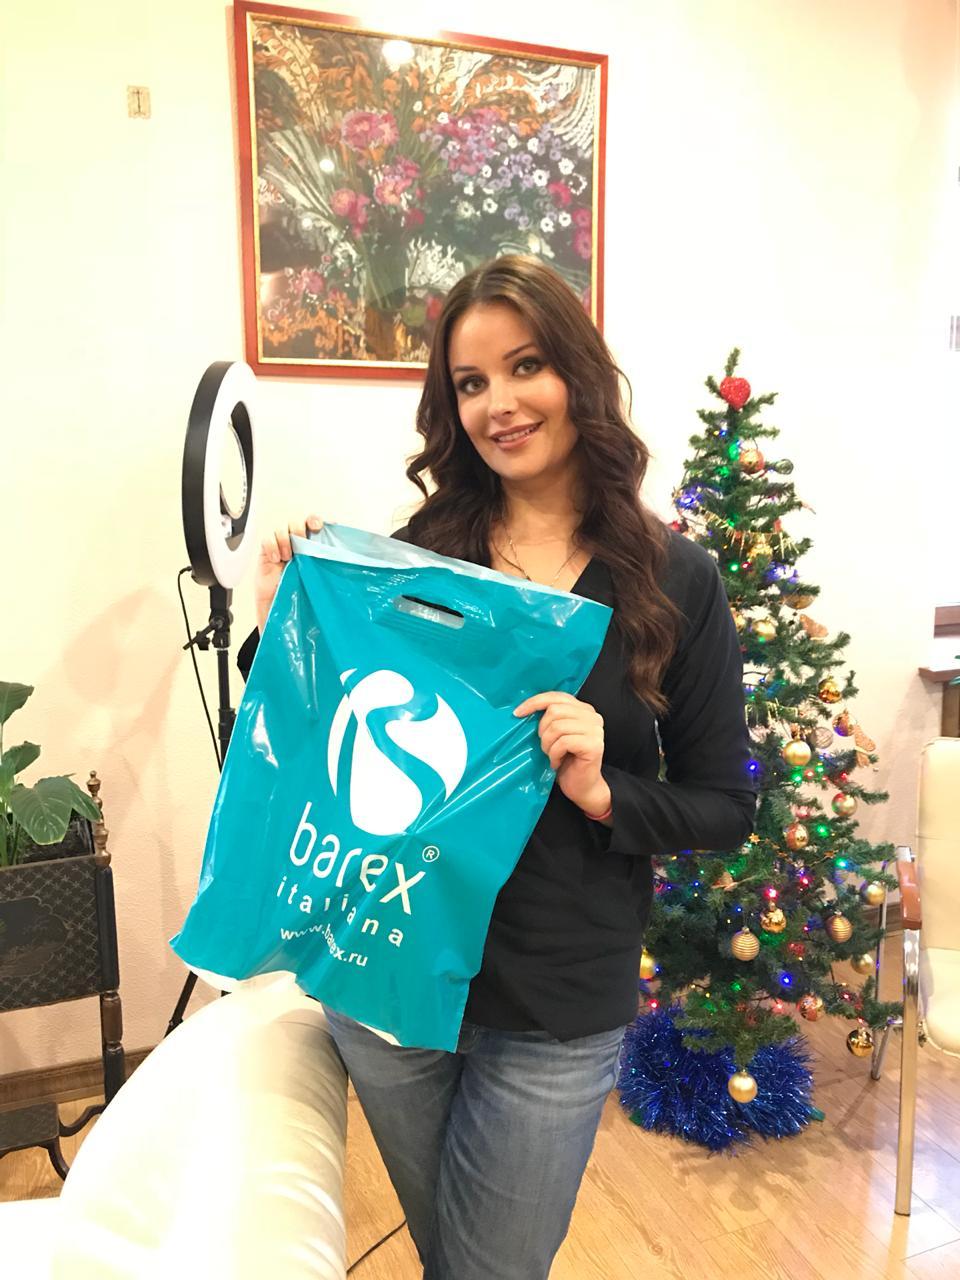 Оксана Федорова и Barex Italiana поздравляют с Новым годом и Рождеством!